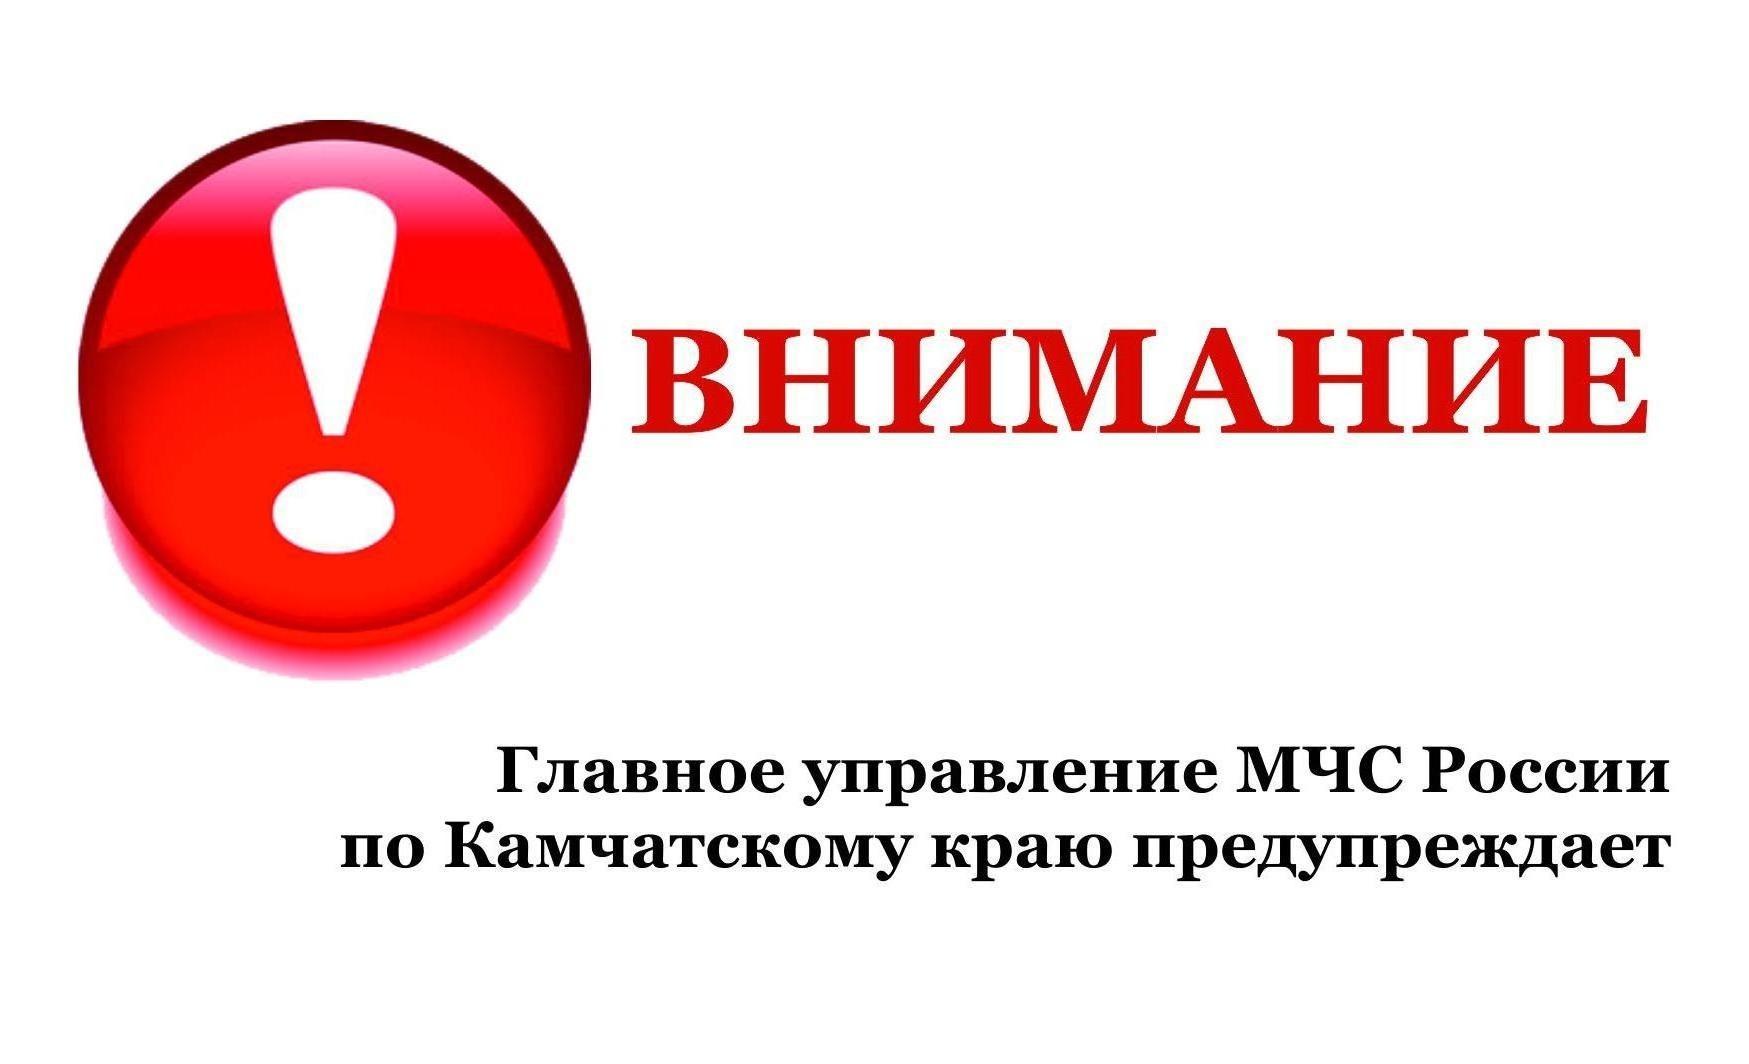 В селе Каменском Пенжинского района класс пожарной опасности повысился до четвёртого